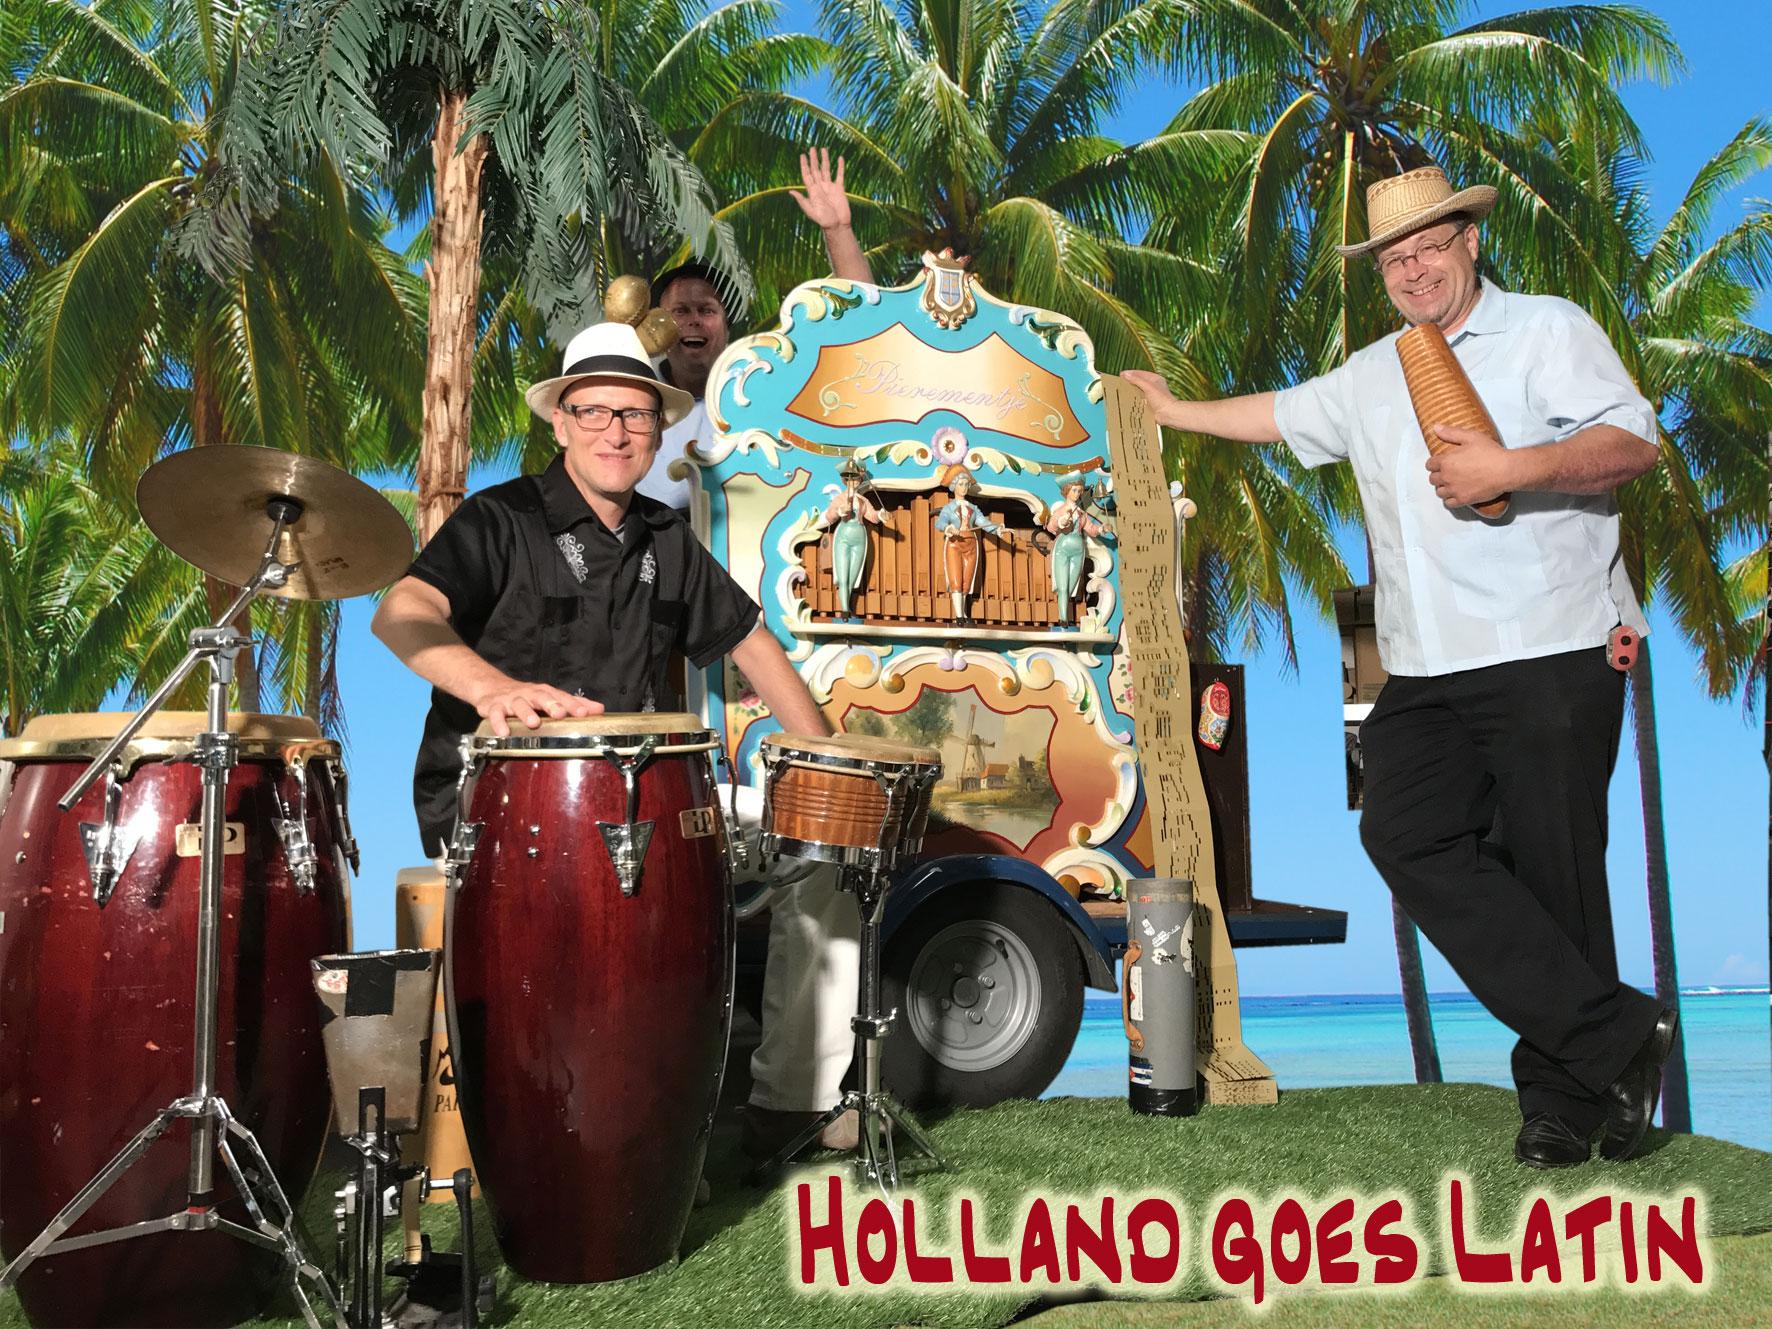 Holland goes Latin! Draaiorgel met salsamuziek, Cubaanse Son, dansen huren te huur